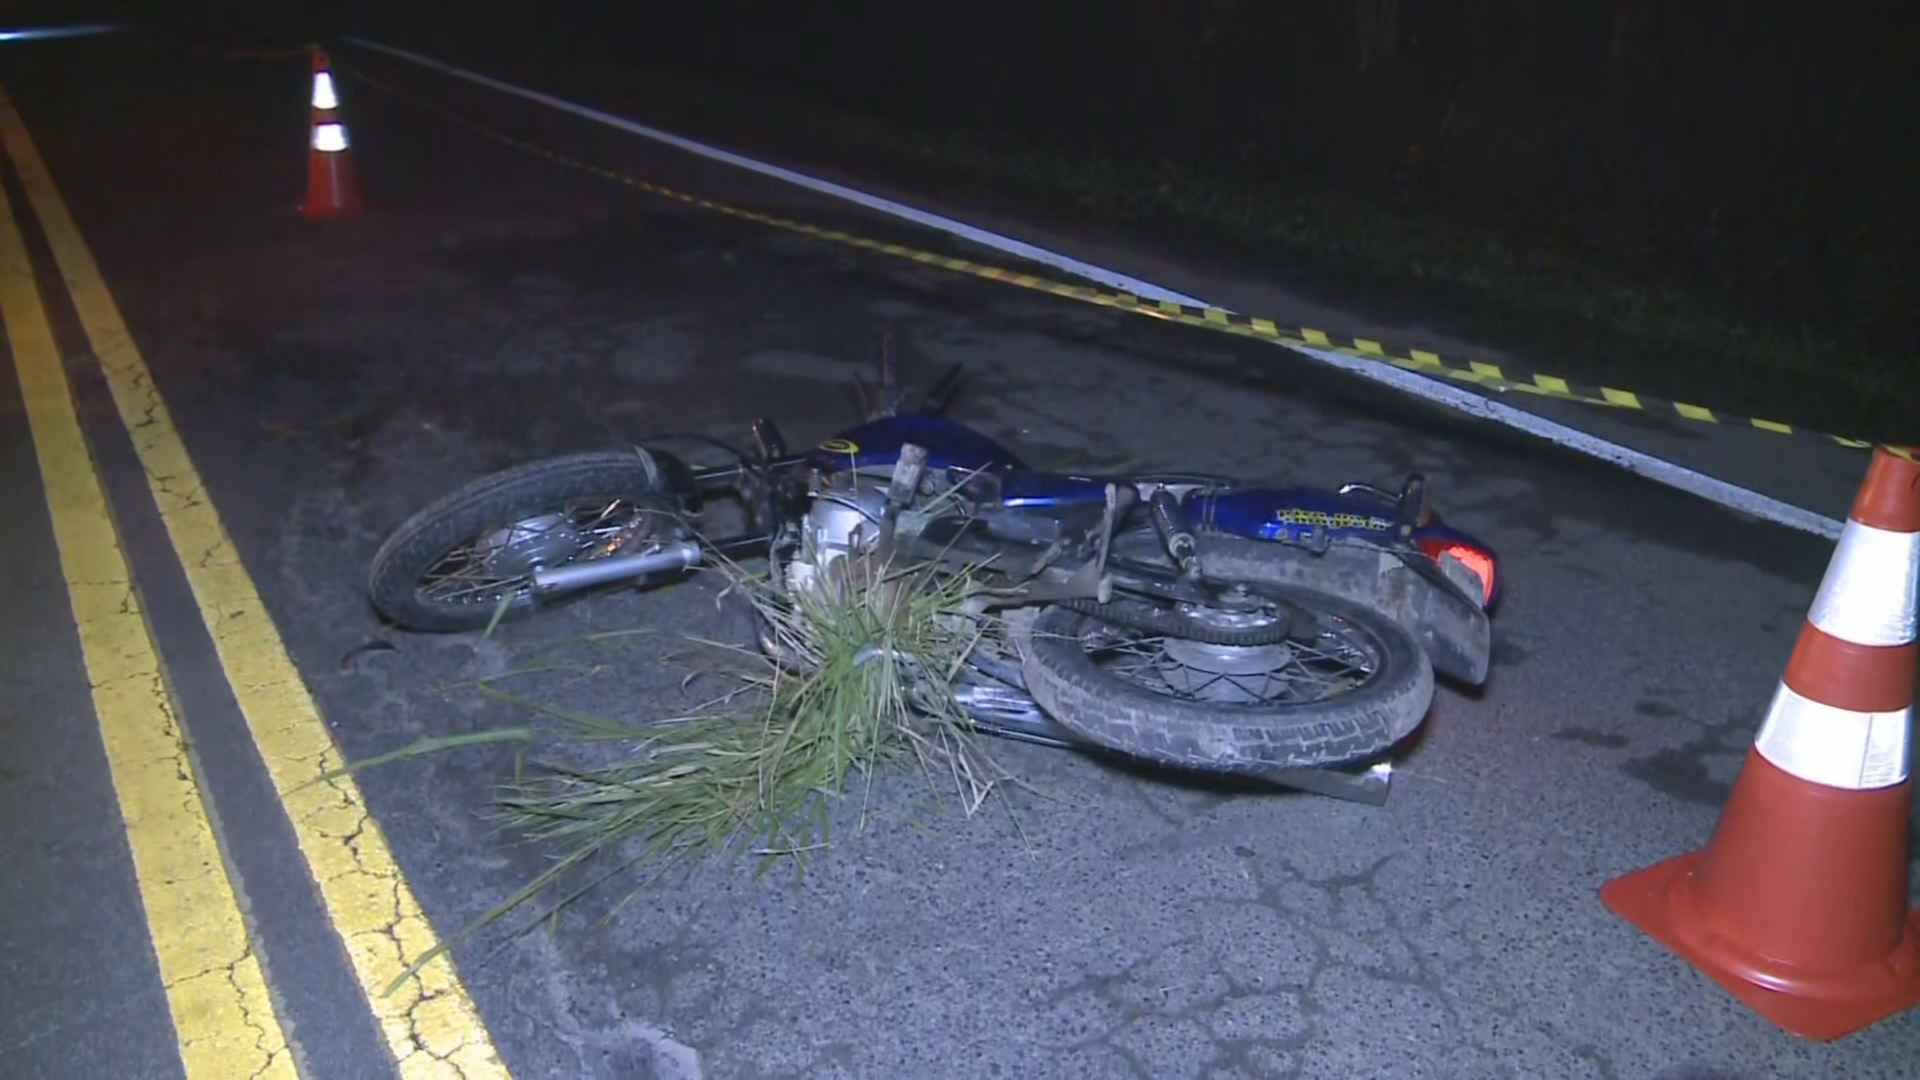 Motociclista morre após tombar em rodovia e ser atropelado em SP